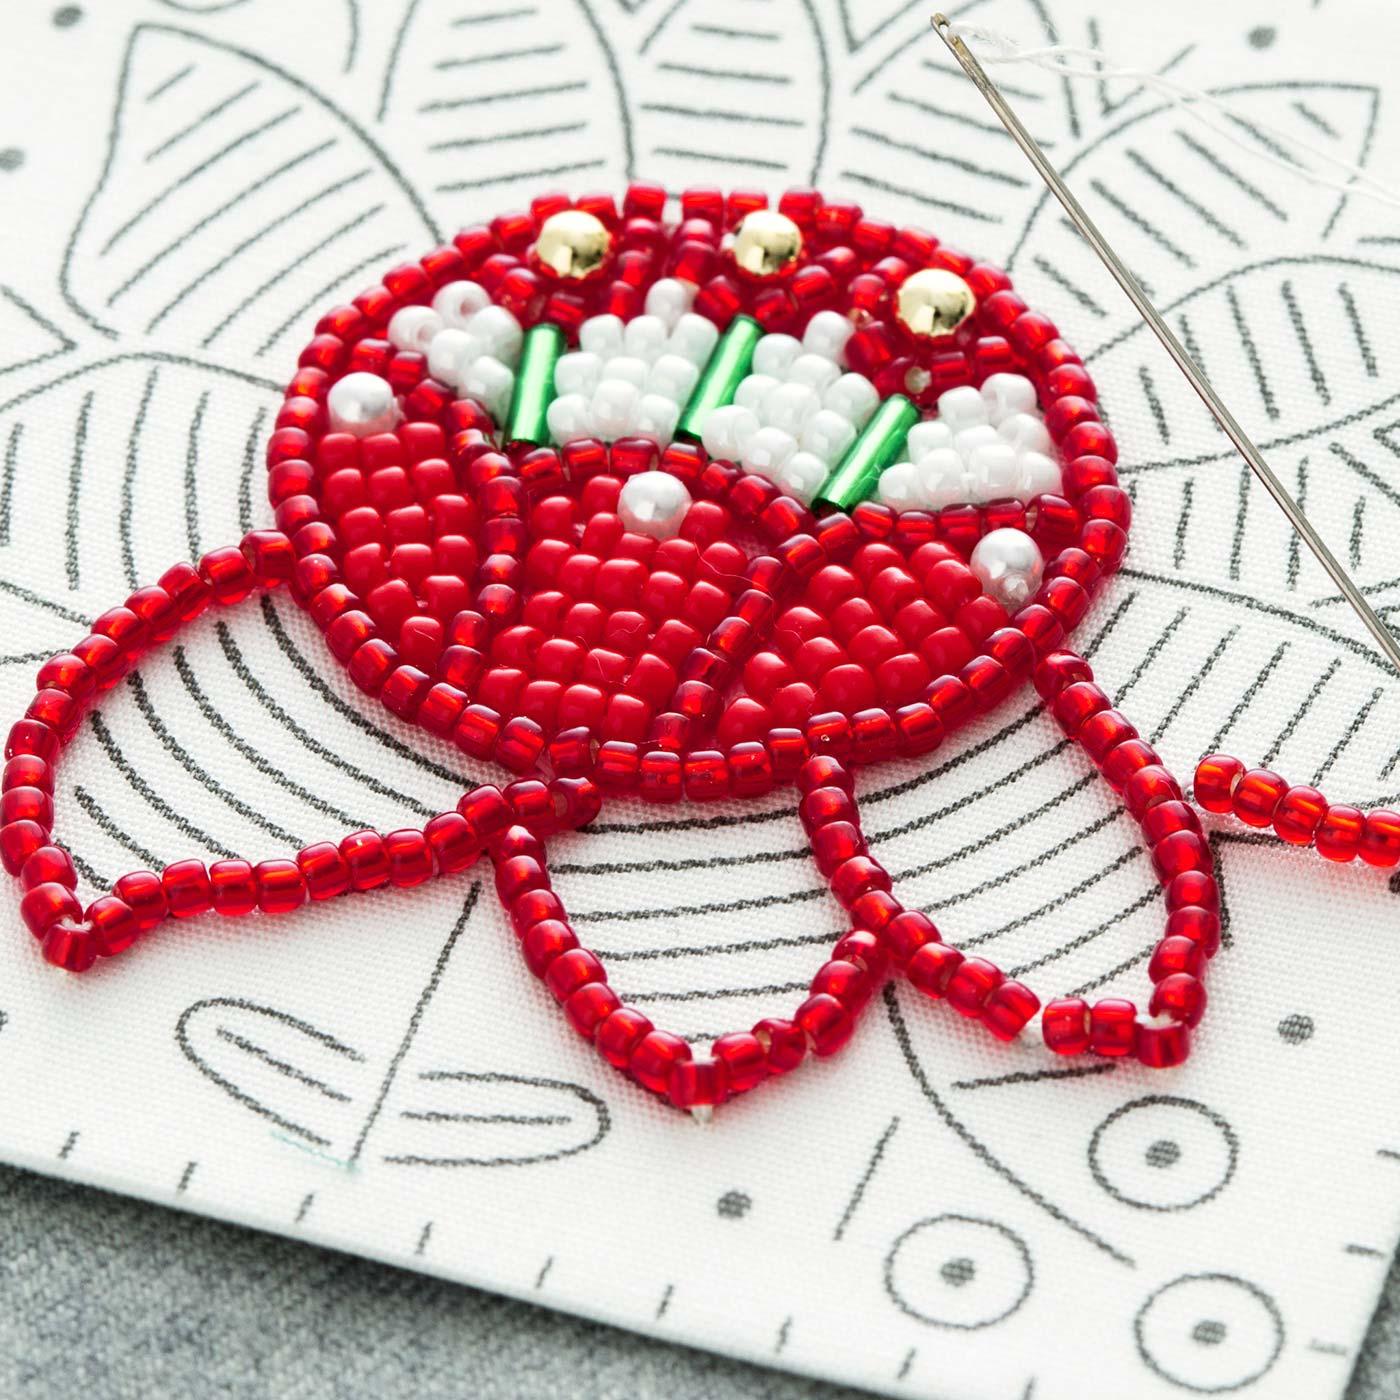 ラインの長さ分のビーズを糸に通し、印刷図案に沿って縫い留めるので思いのほか簡単です。